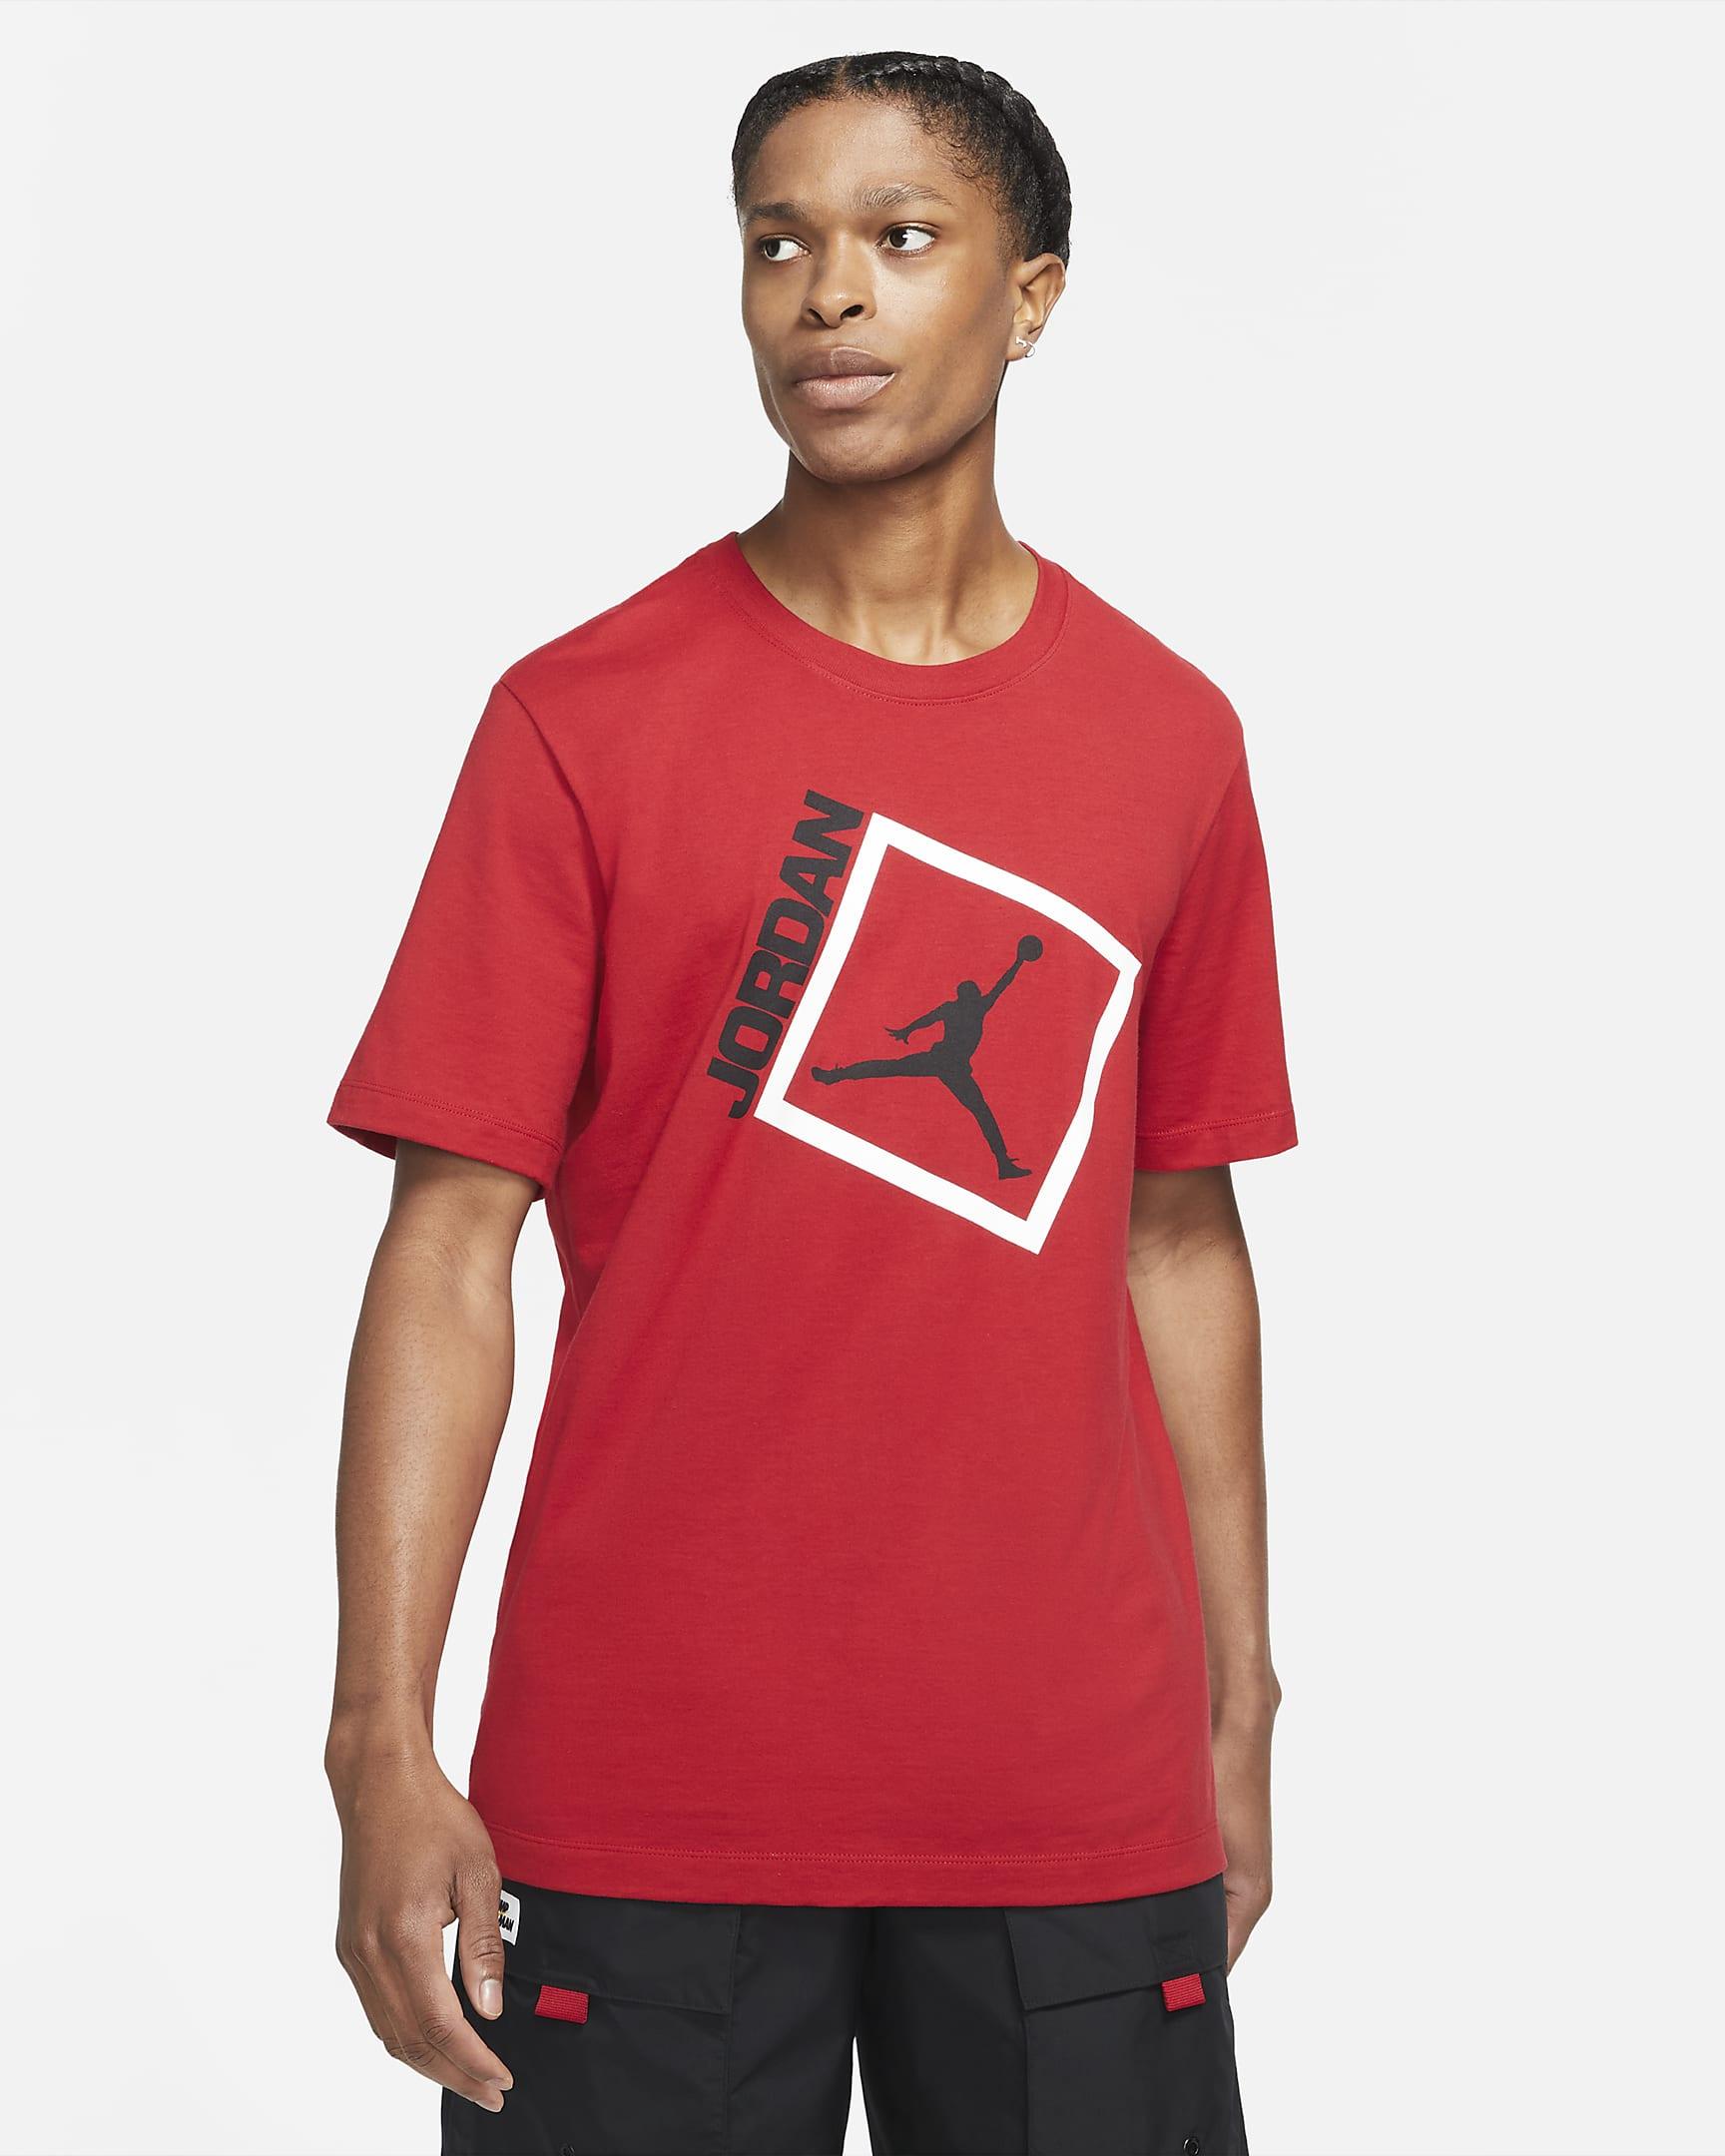 jordan-jumpman-box-mens-short-sleeve-t-shirt-PDzr9g.png